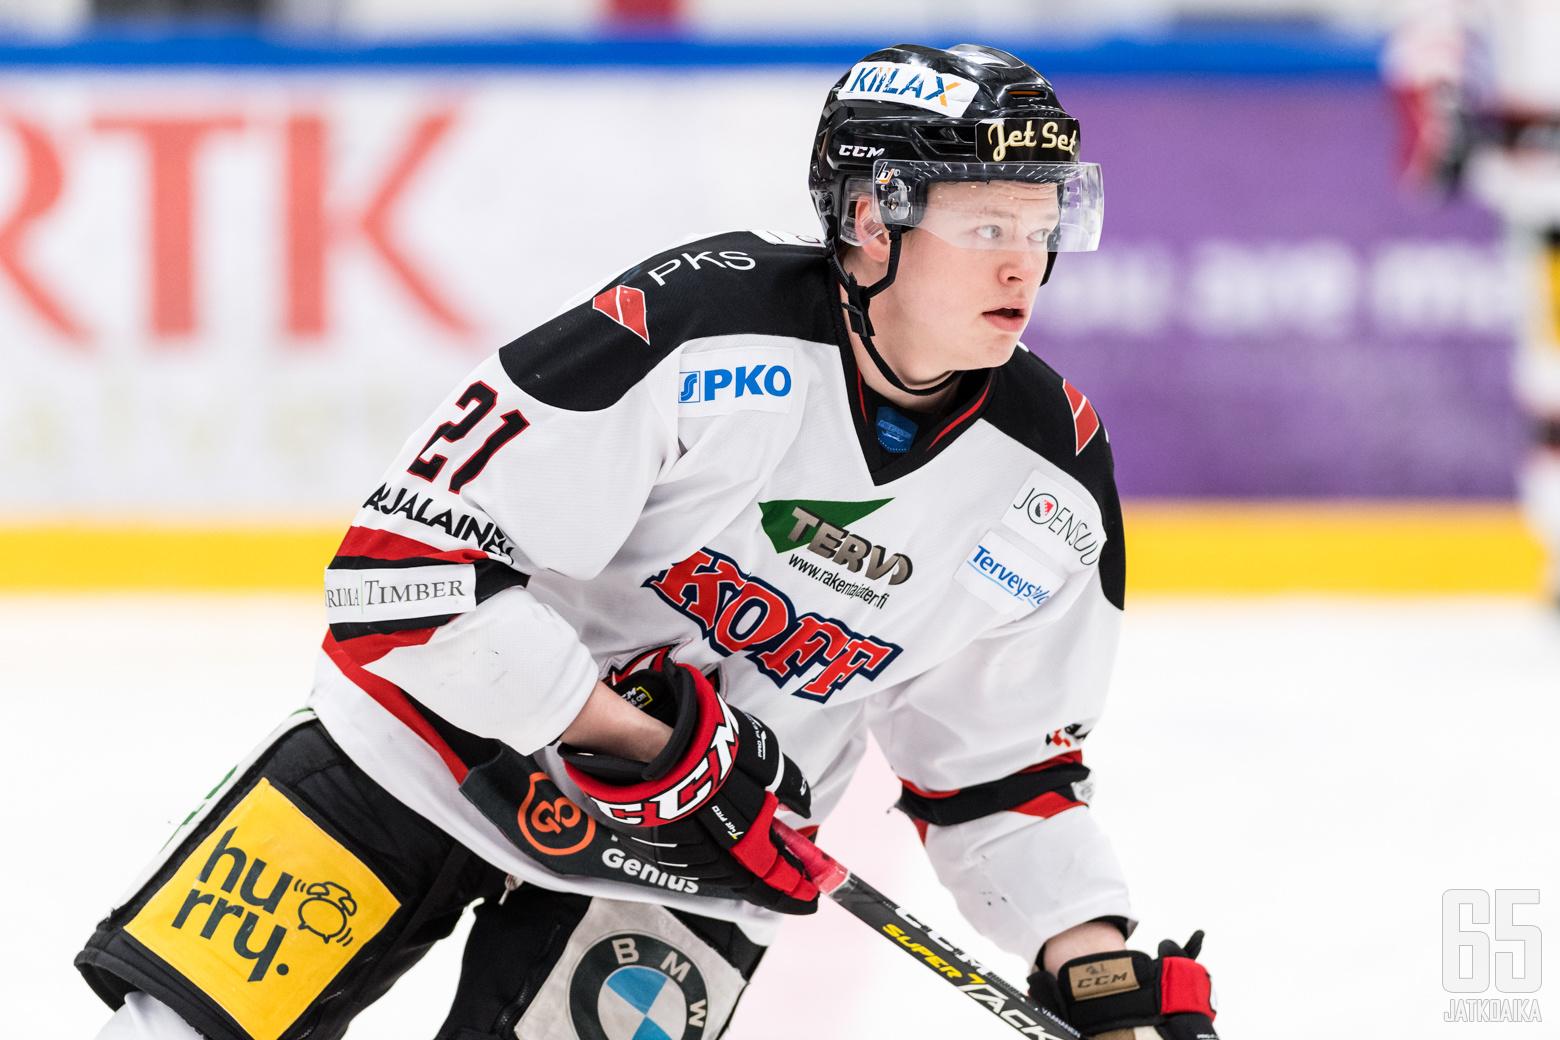 Jokipoikien Miro Väänänen (21) Mestis-ottelussa K-Vantaa - Jokipojat, Trio Areenalla, 15. tammikuuta 2020.